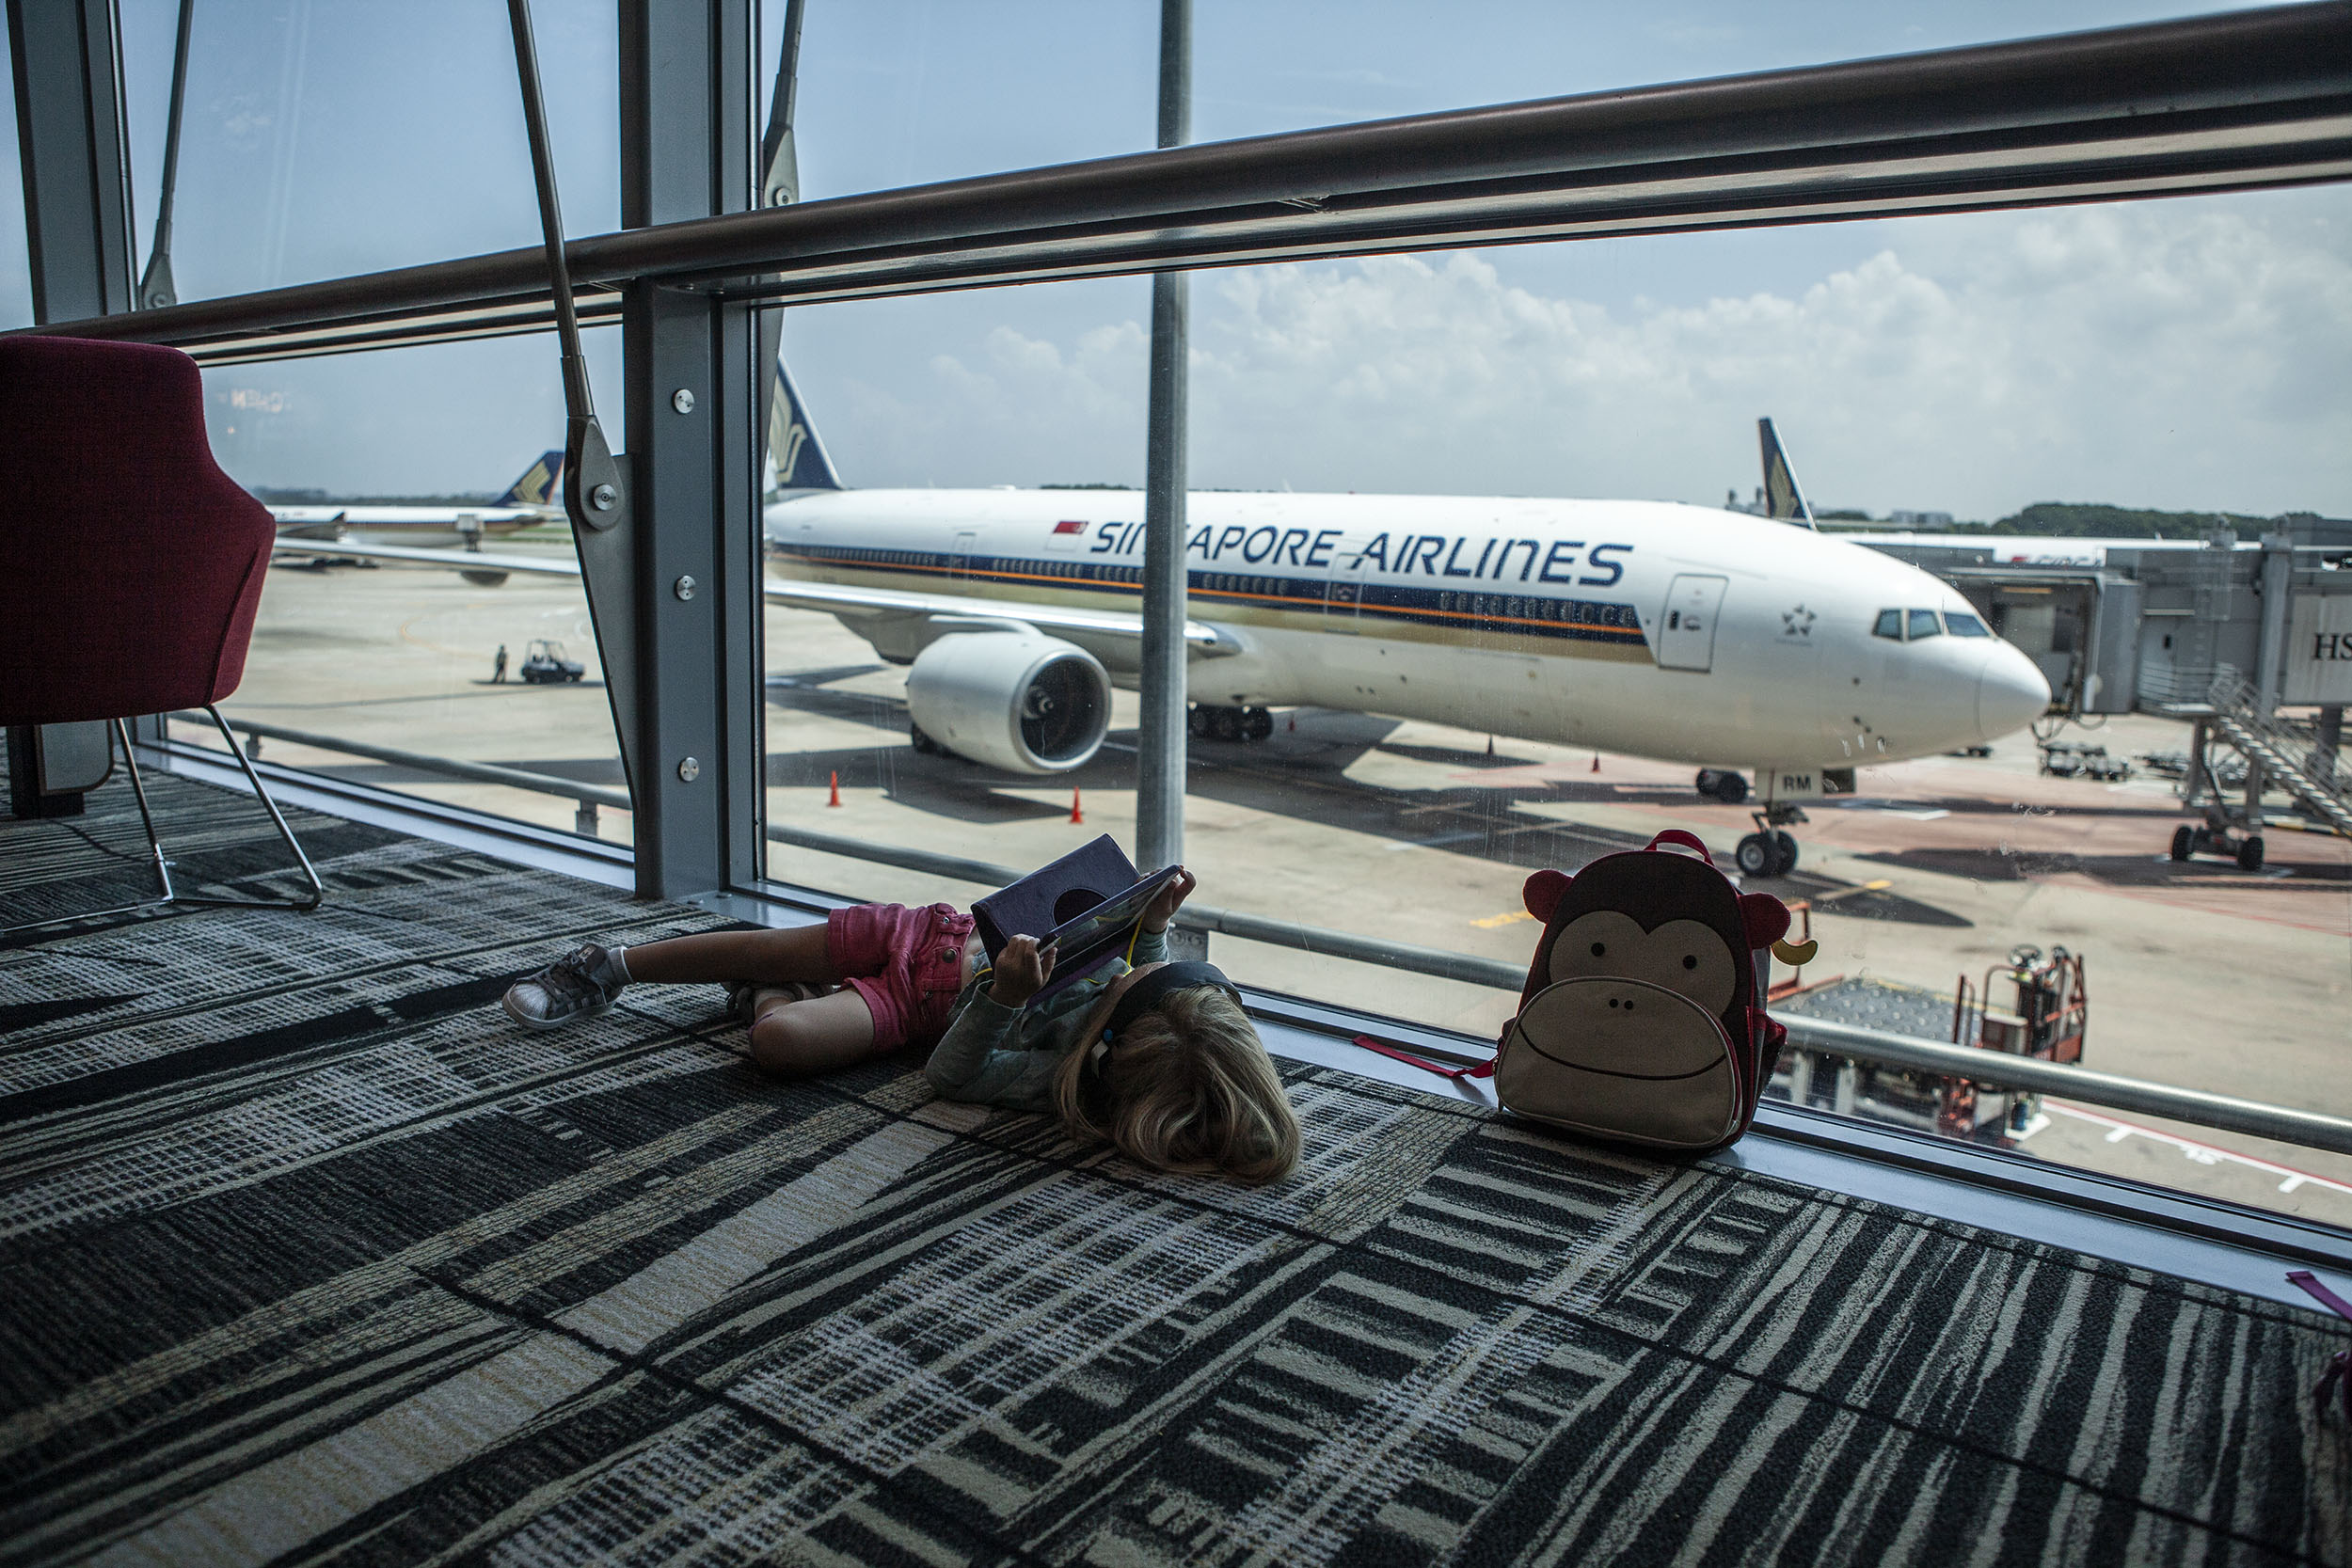 Aha, går inte att boka om flygbiljetterna... ok, då bokar vi nya o låter den flighten brinna inne. Nu kör vi!